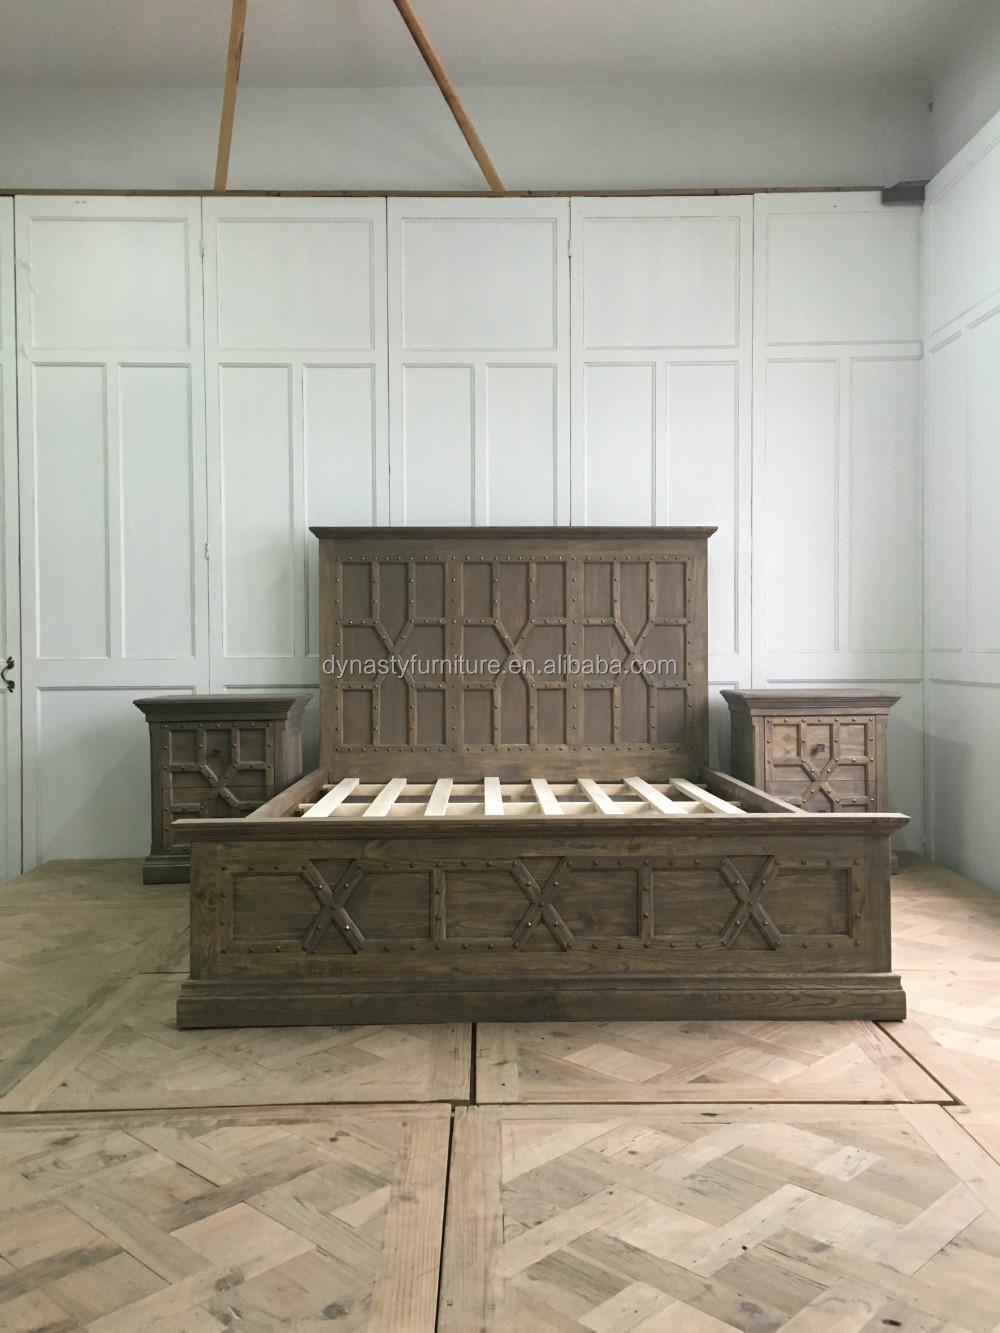 Venta al por mayor madera de estilo antiguo cama king-Compre online ...